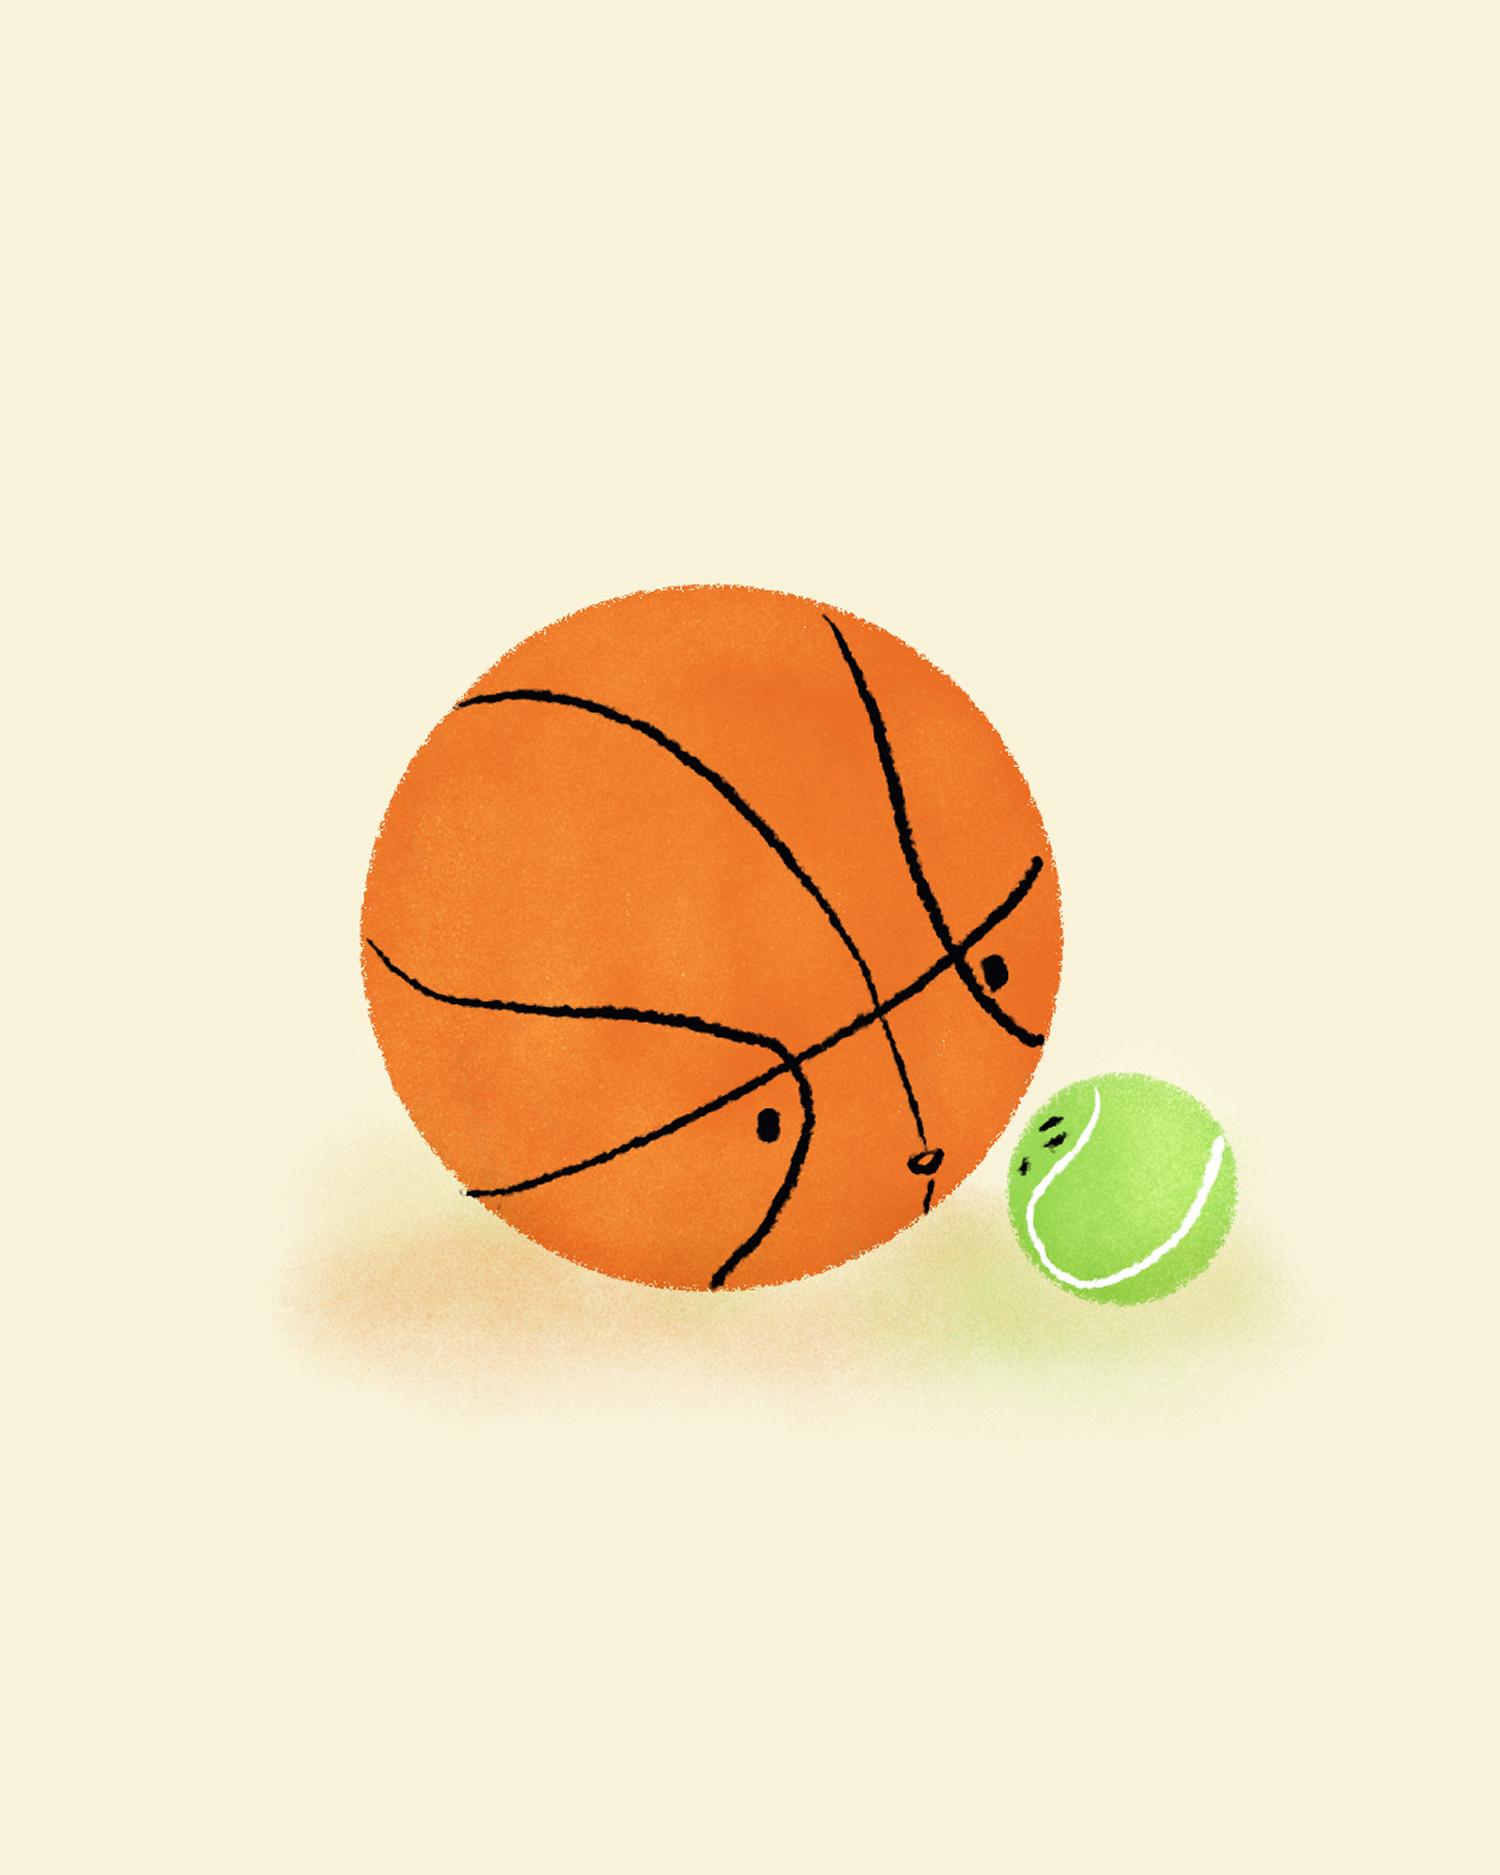 bonaddio_basketballandtennis_web_1500px_rgb.jpg